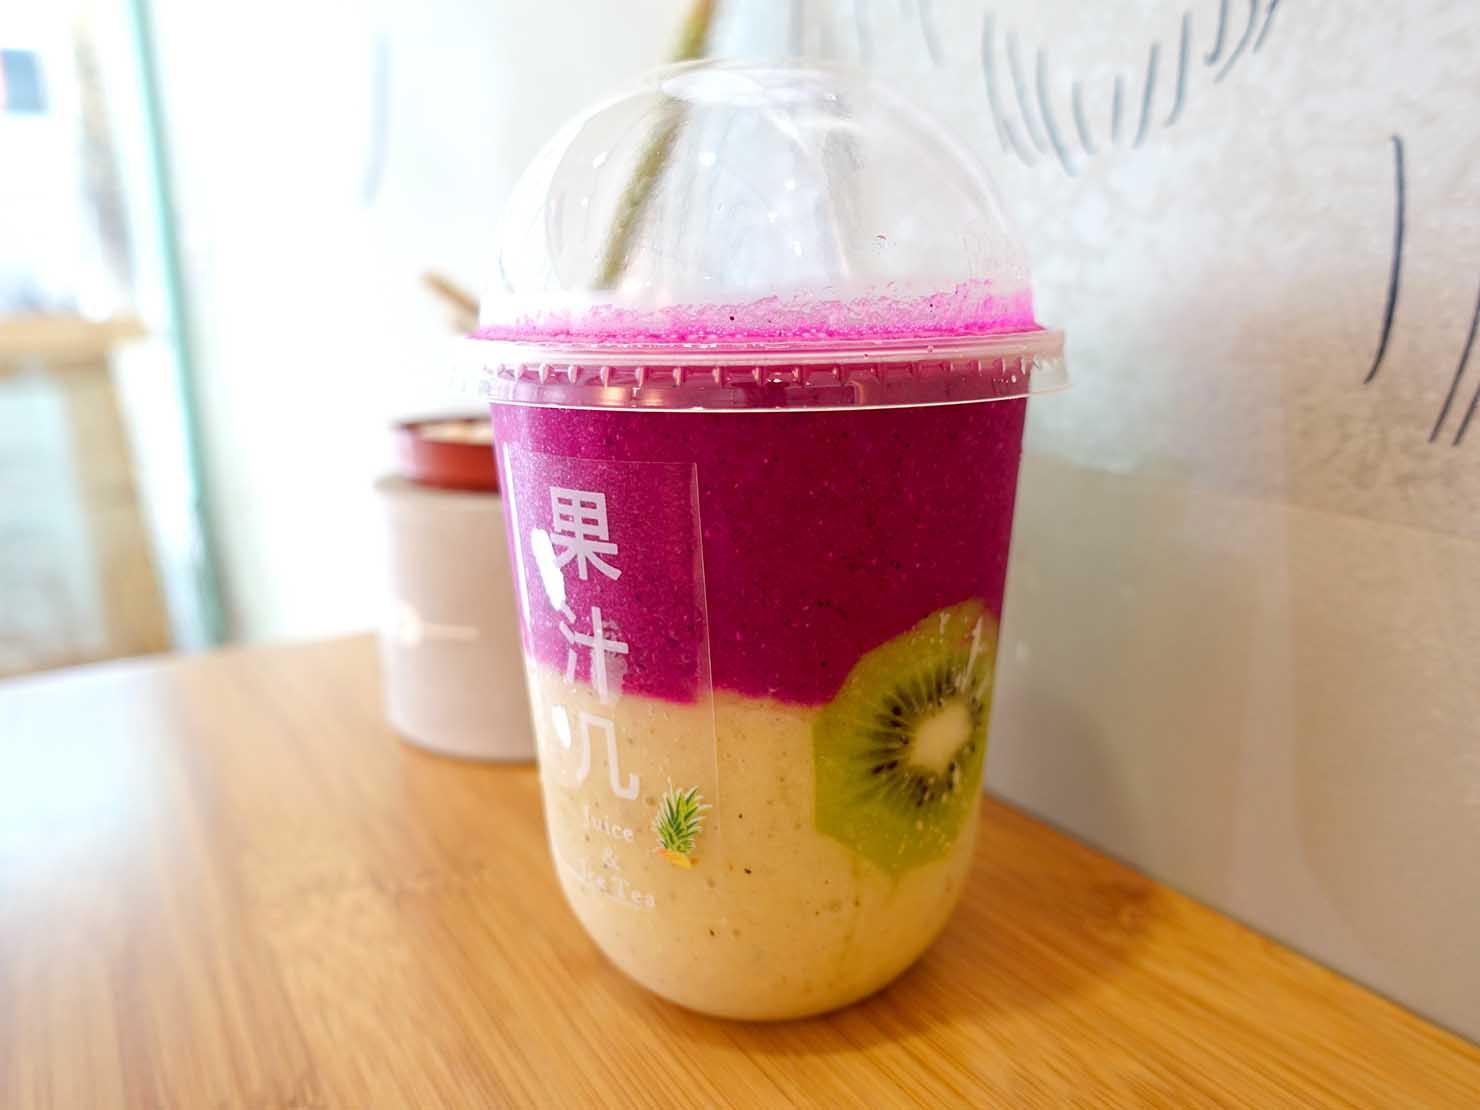 台北・行天宮のおすすめグルメ店「果汁几」の生フルーツドリンク・Wー兩個世界(サイド)